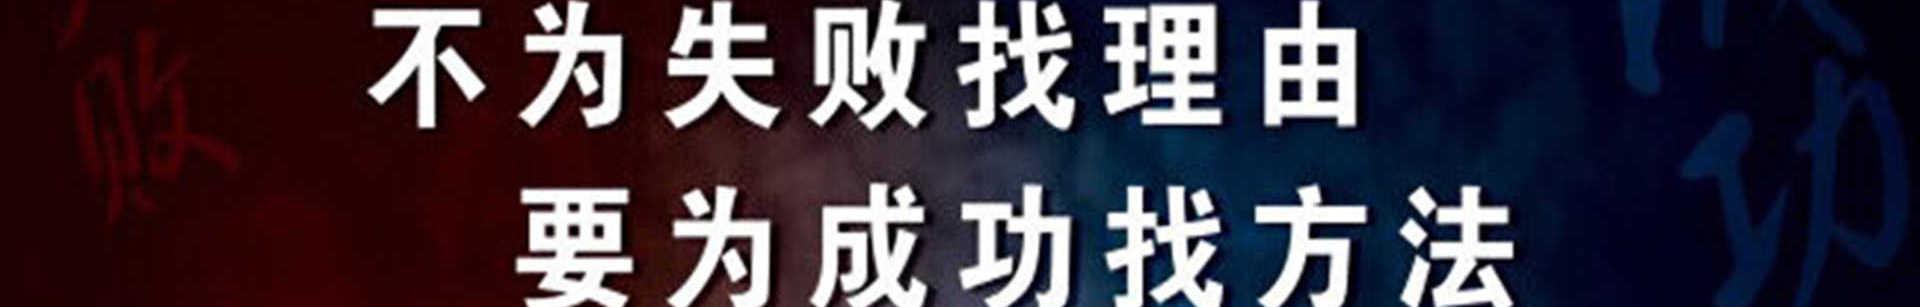 用户_461962 banner